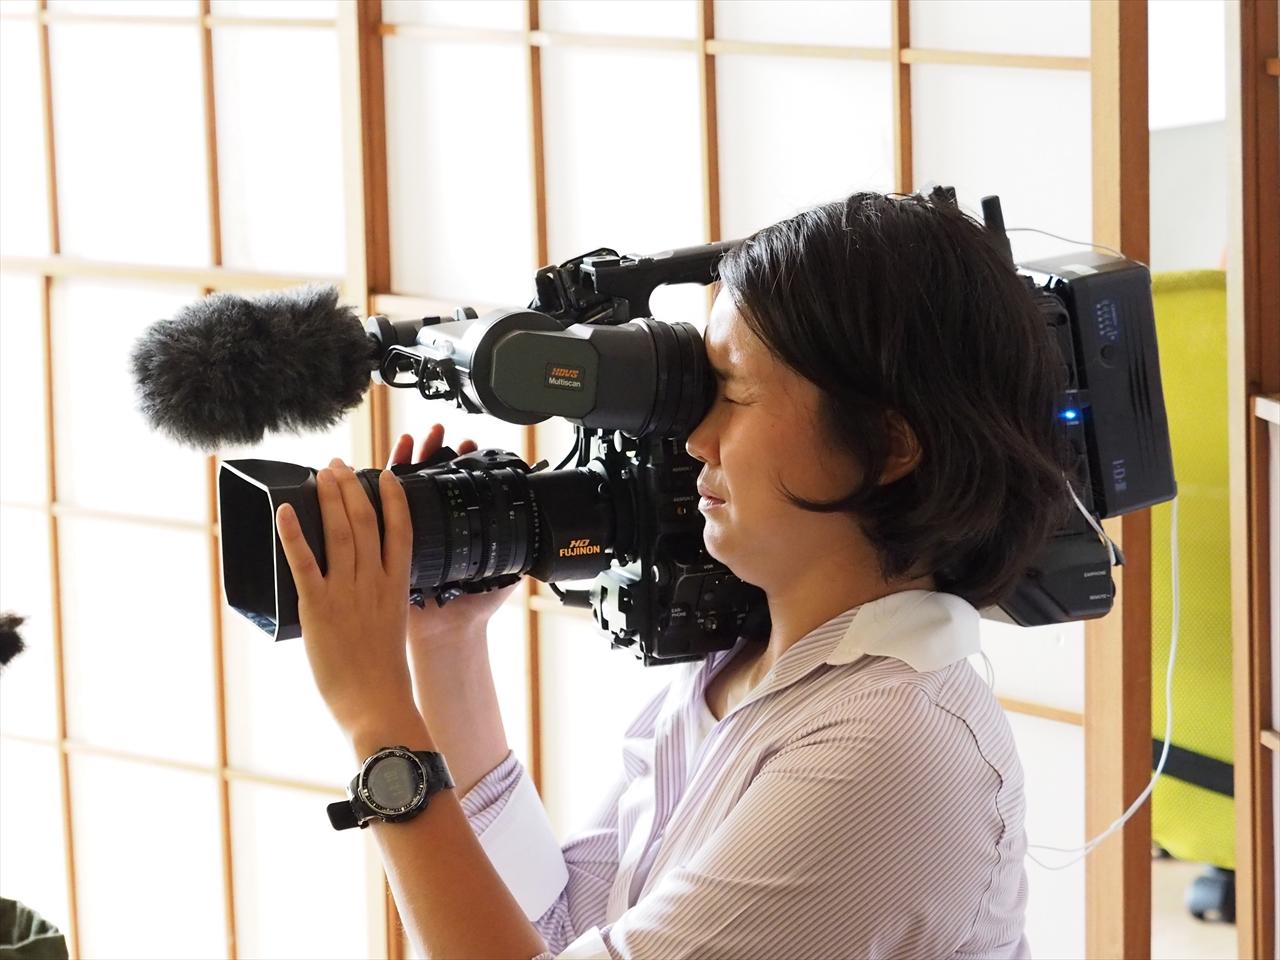 【マスコミ掲載御礼】ティーツアーやインターン生についてのテレビの取材に来ていただいております!